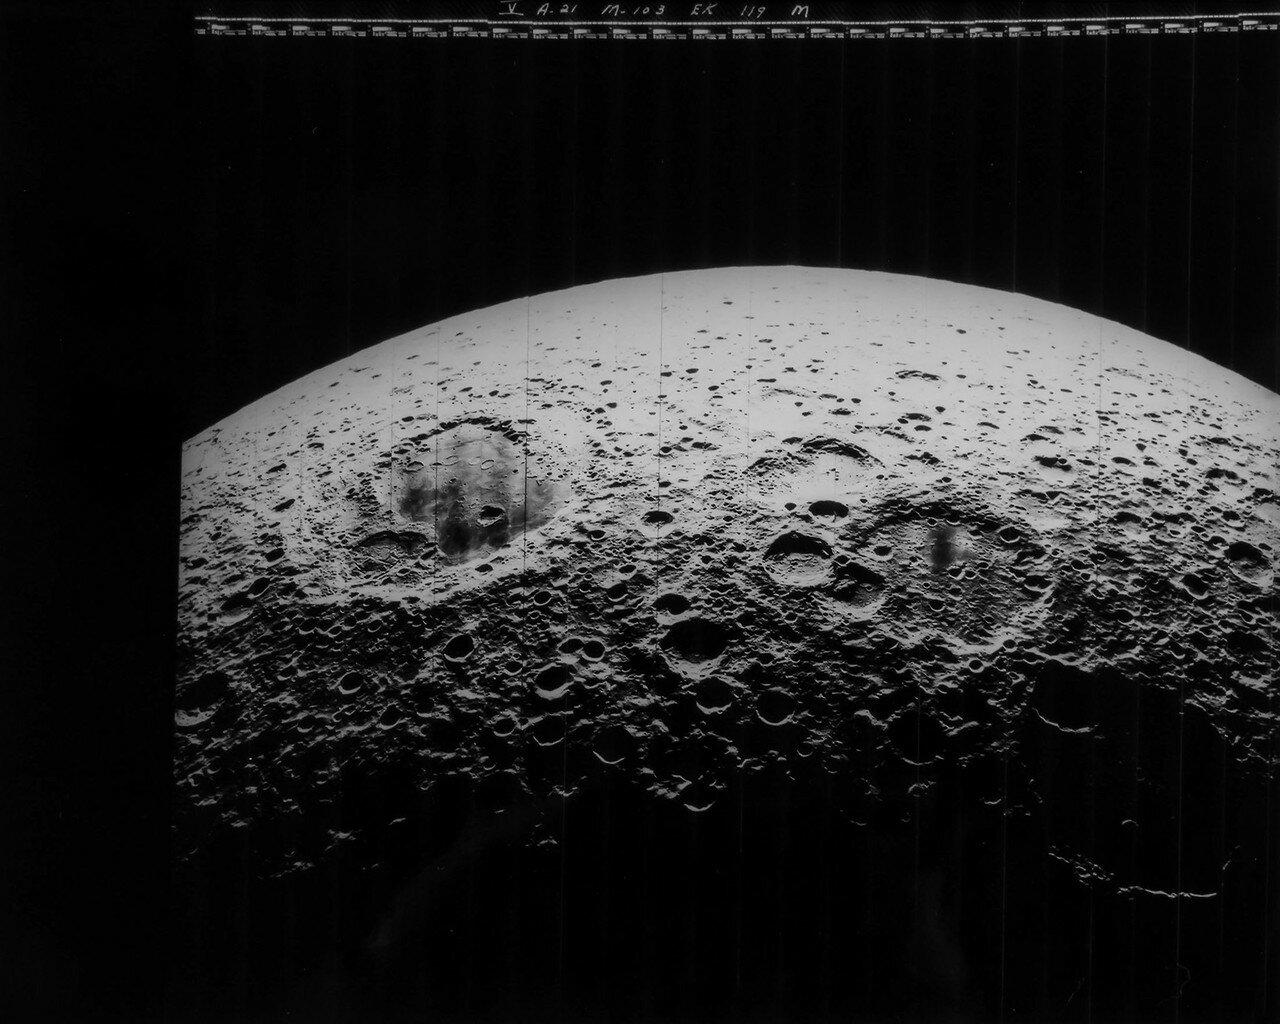 1967.«Лунар орбитер-5» был запущен 1 августа 1967 года с мыса Канаверел. Одной из целей полёта КА «Лунар орбитер-5» была съёмка  кратеров Альфонс, Аристарх, Гиппарх, фотографирование участка обратной стороны Луны пропущенной предыдущими аппаратами